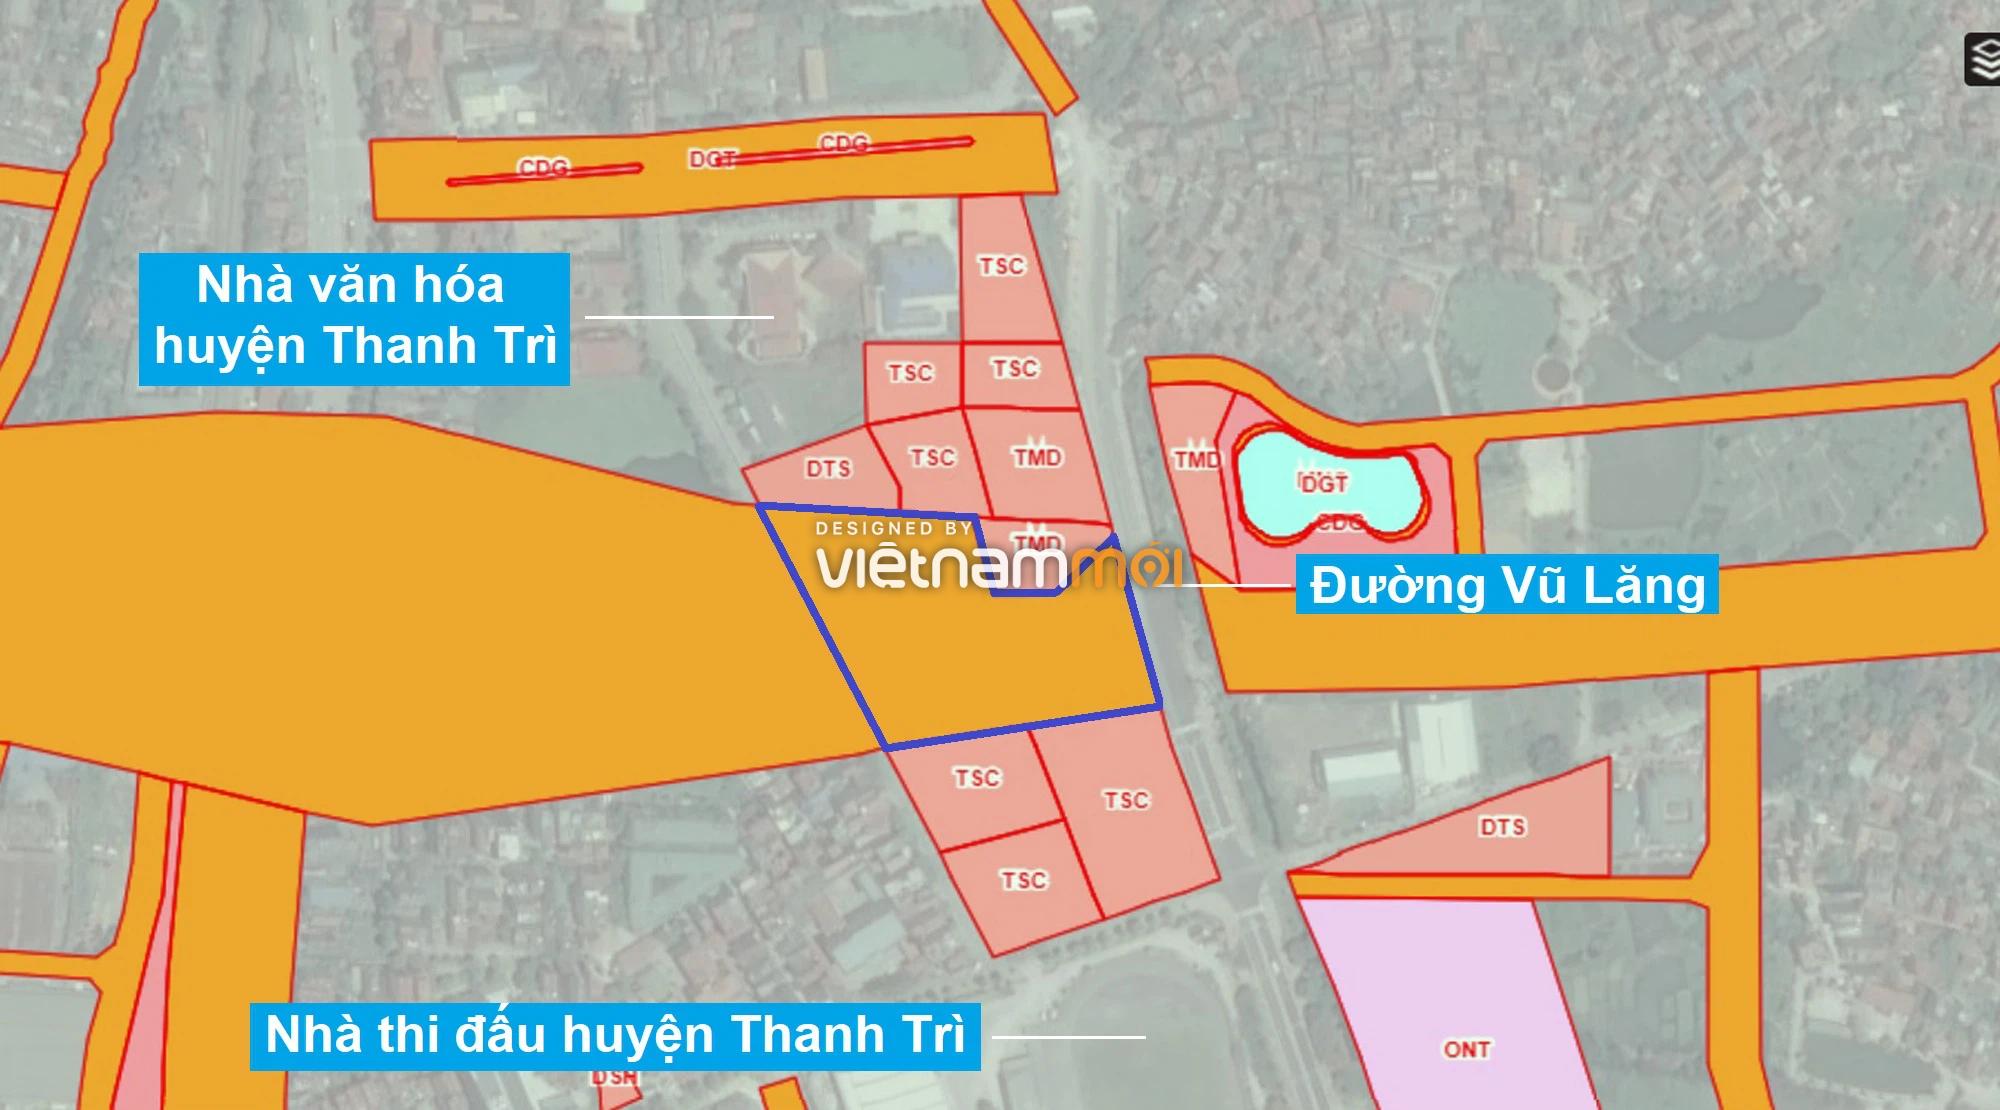 Những khu đất sắp thu hồi để mở đường ở xã Tứ Hiệp, Thanh Trì, Hà Nội (phần 2) - Ảnh 8.